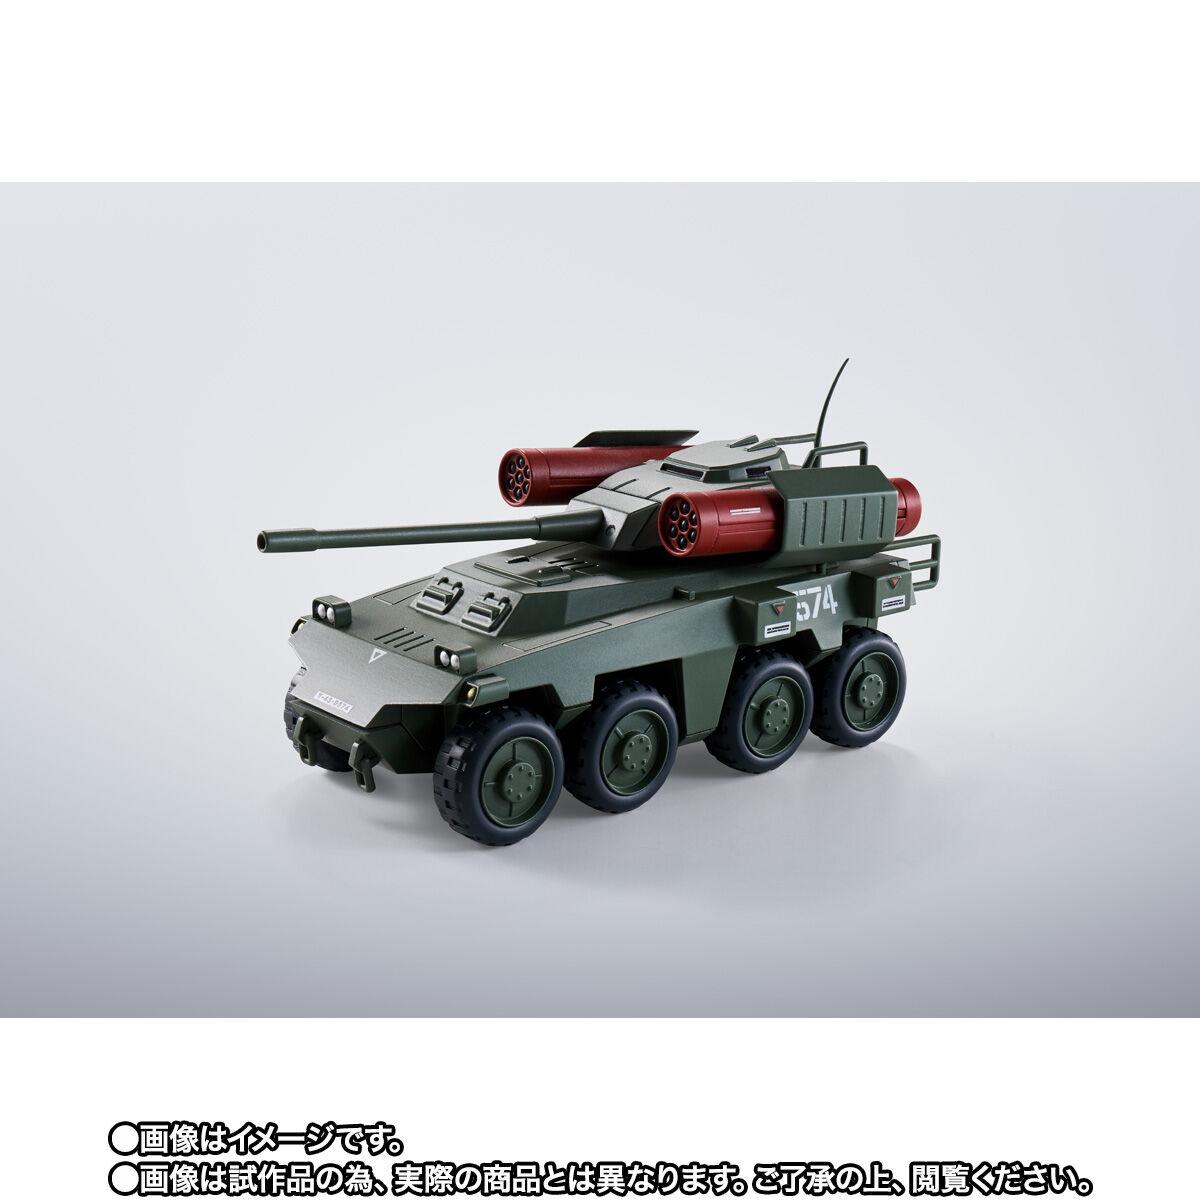 【限定販売】HI-METAL R『ダグラム & インステッド 40th Anniv.』太陽の牙ダグラム 可動フィギュア-007